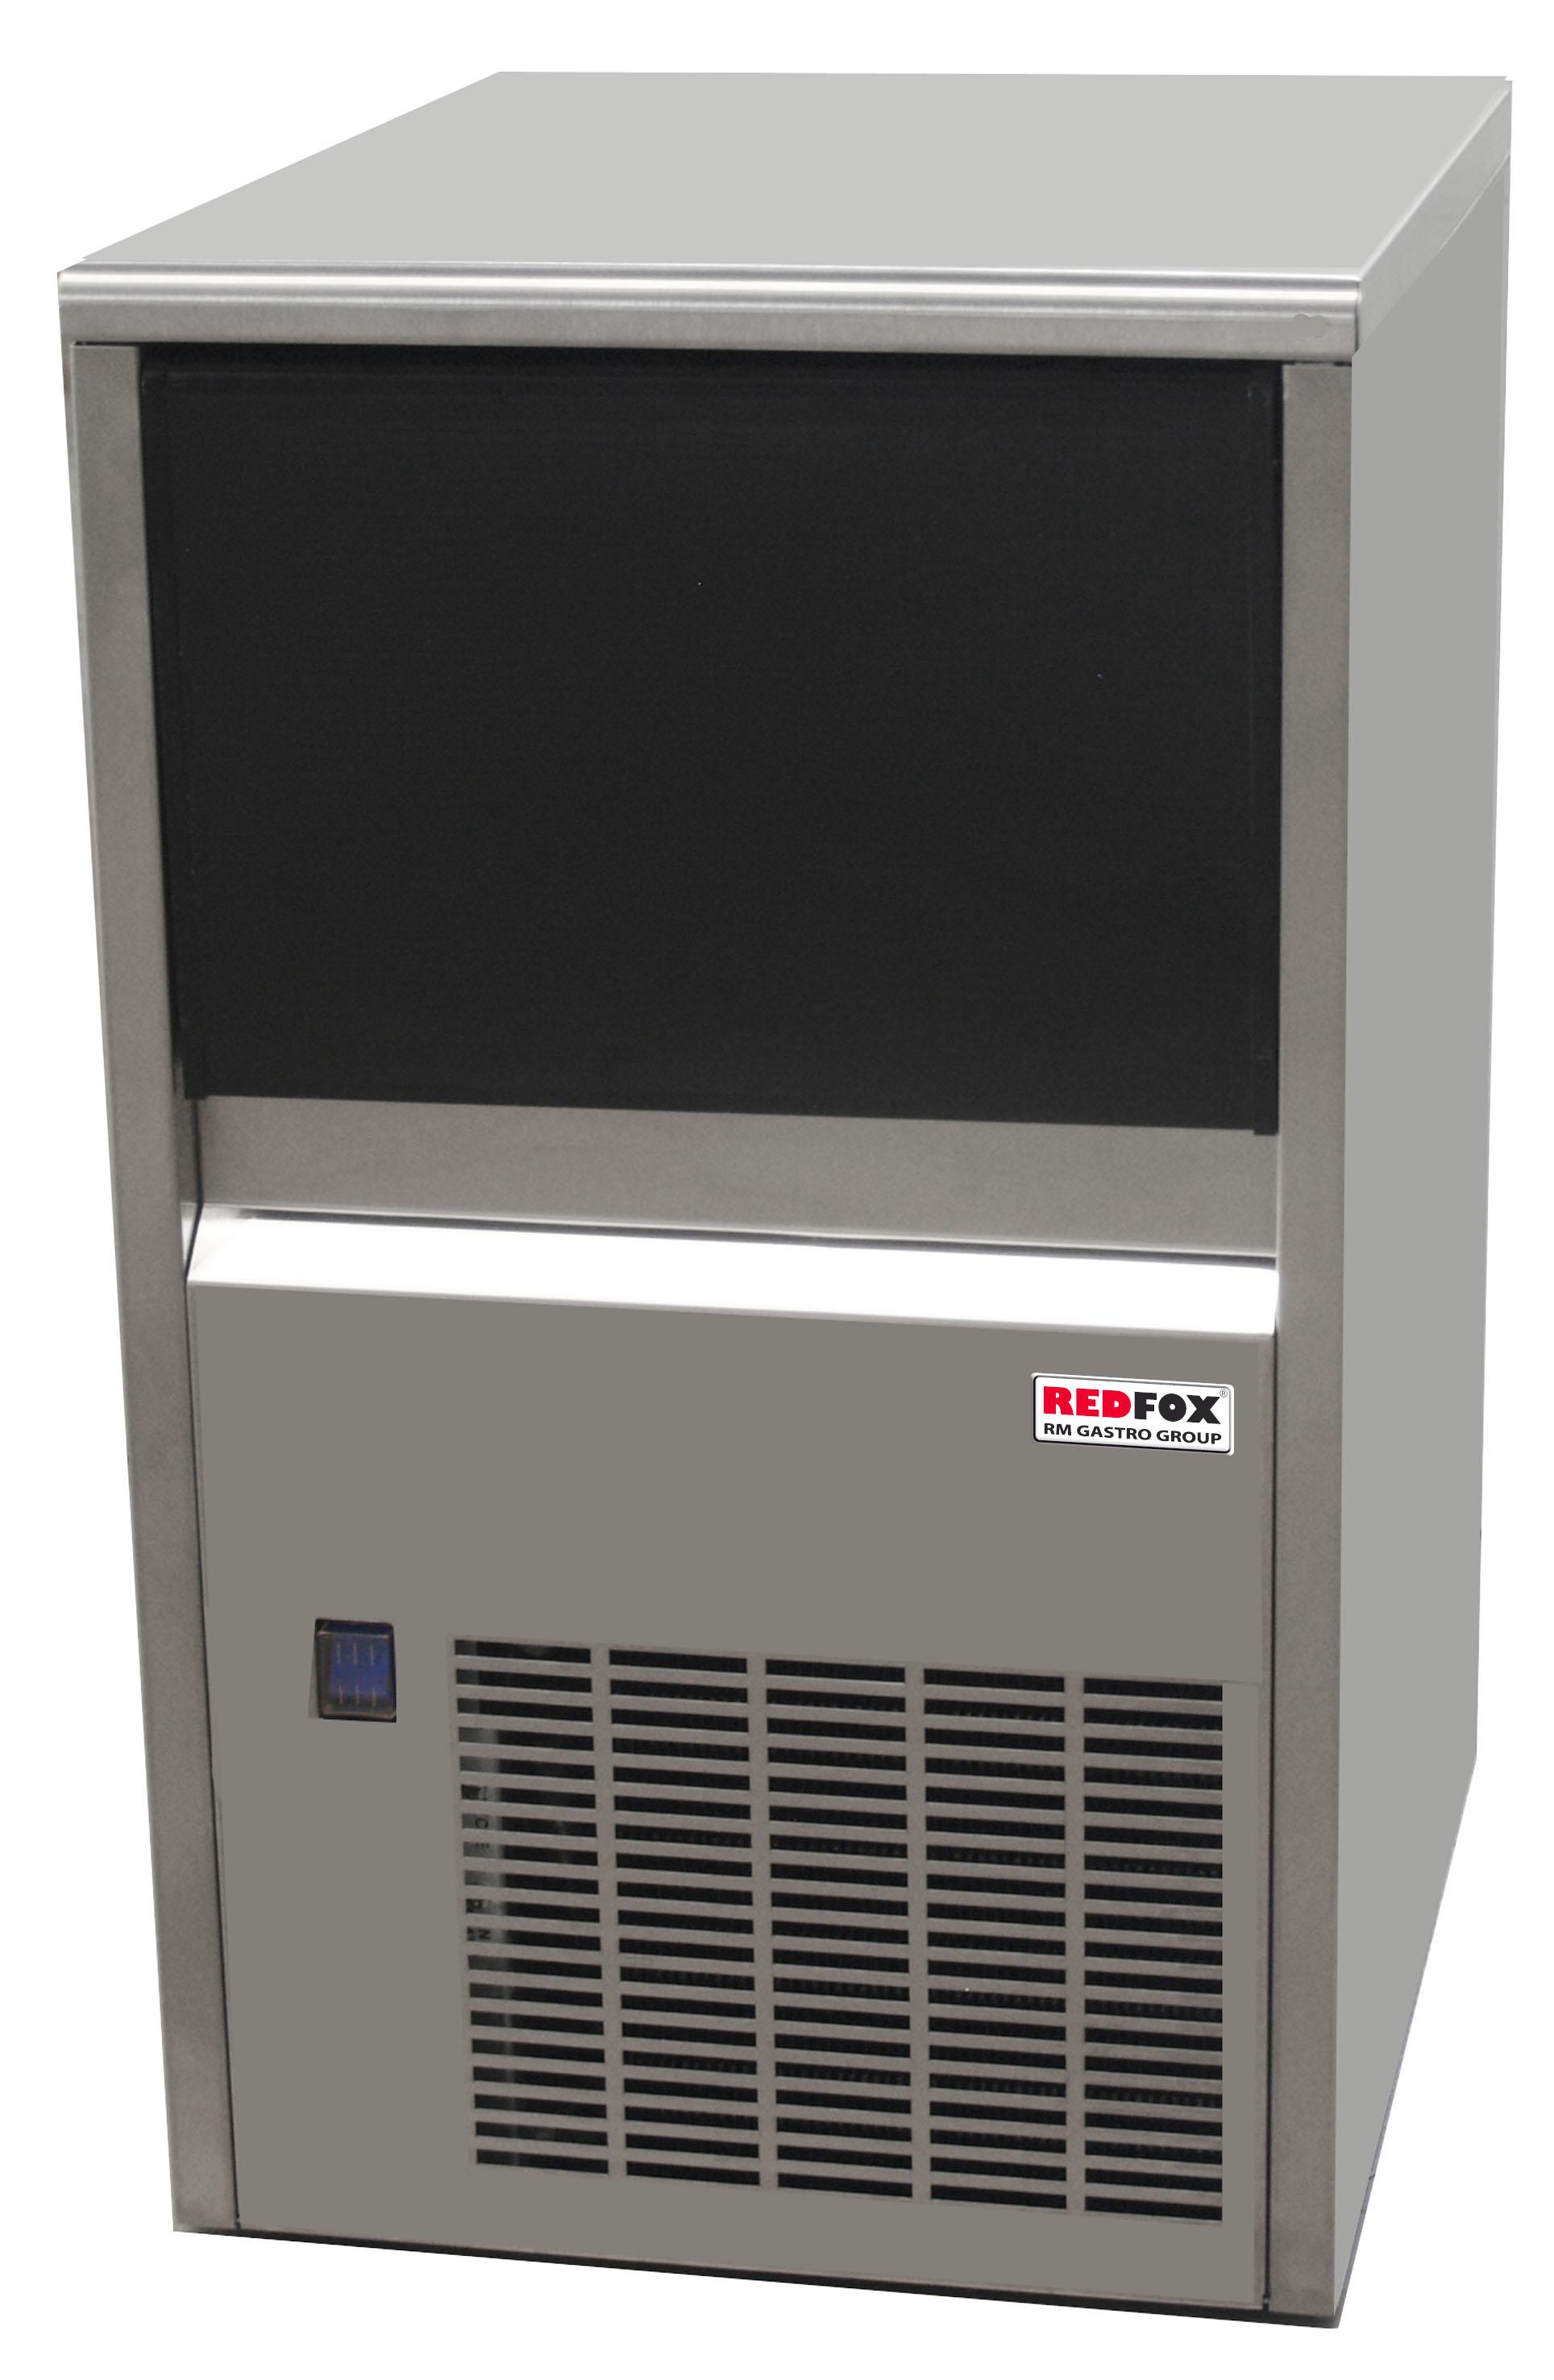 Výrobník ledu SS 45 A chlazení vzduchem REDFOX